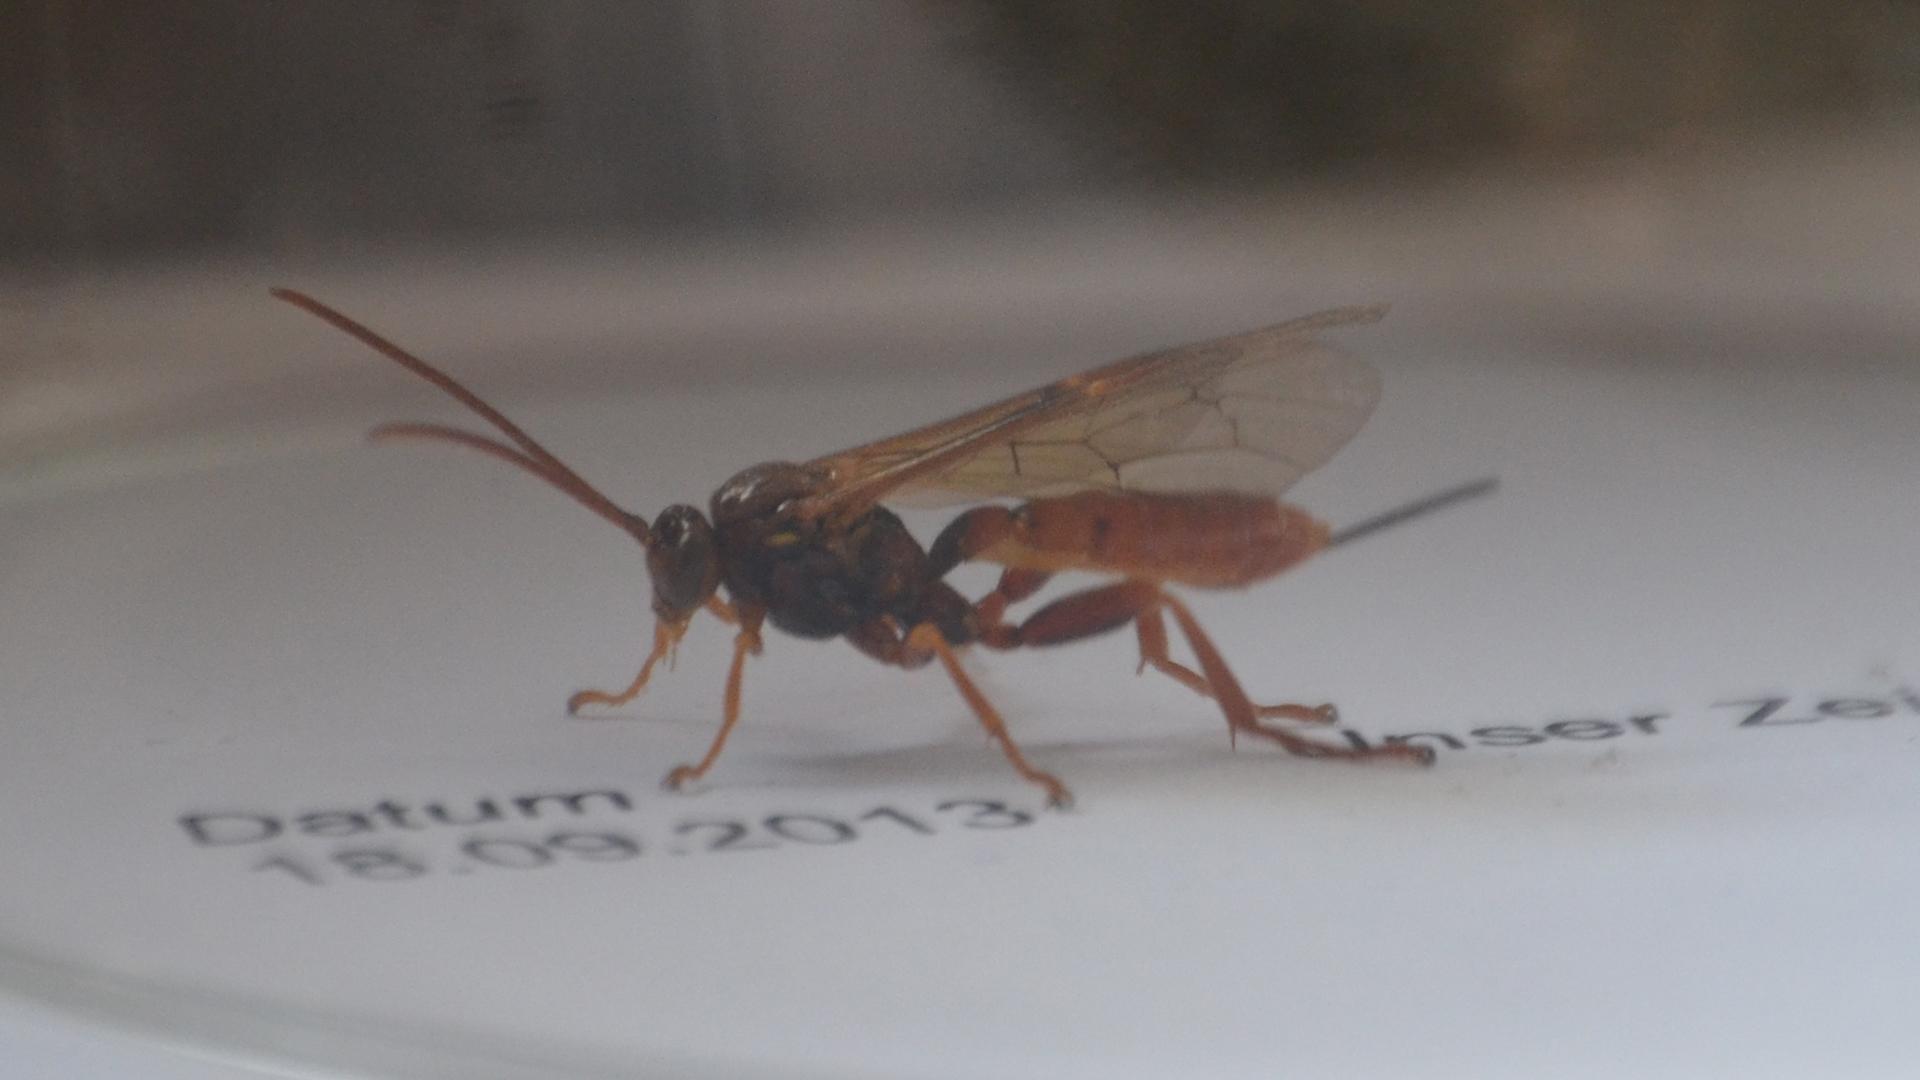 ich habe ein komisches insekt gefangen wei einer was das. Black Bedroom Furniture Sets. Home Design Ideas